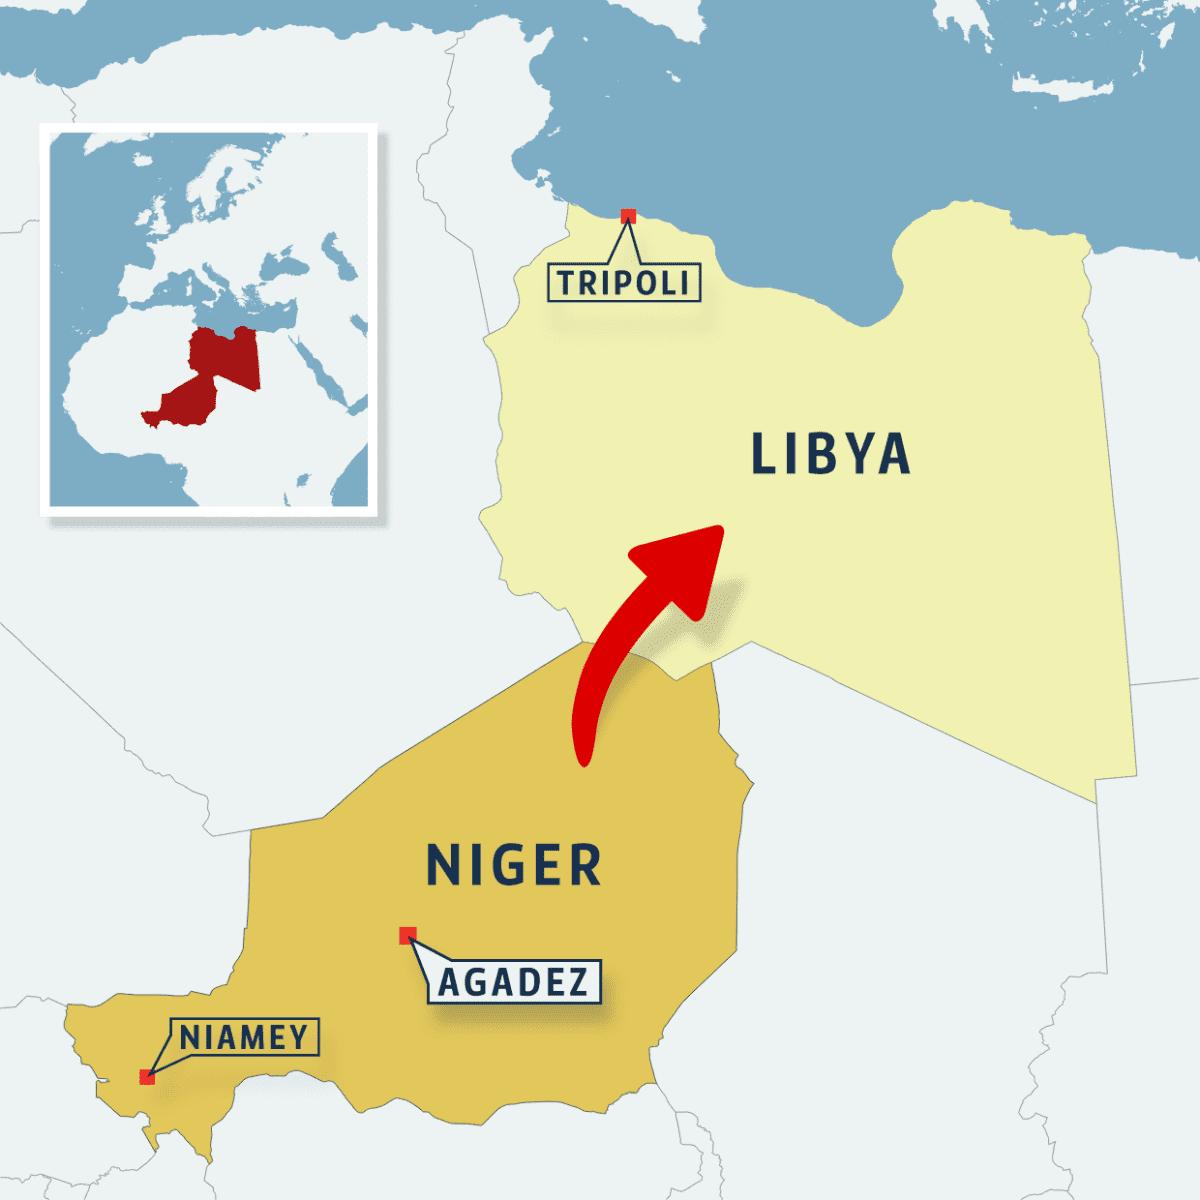 EU:n uusi suhde Afrikkaan, maahanmuutto ja lähes sata